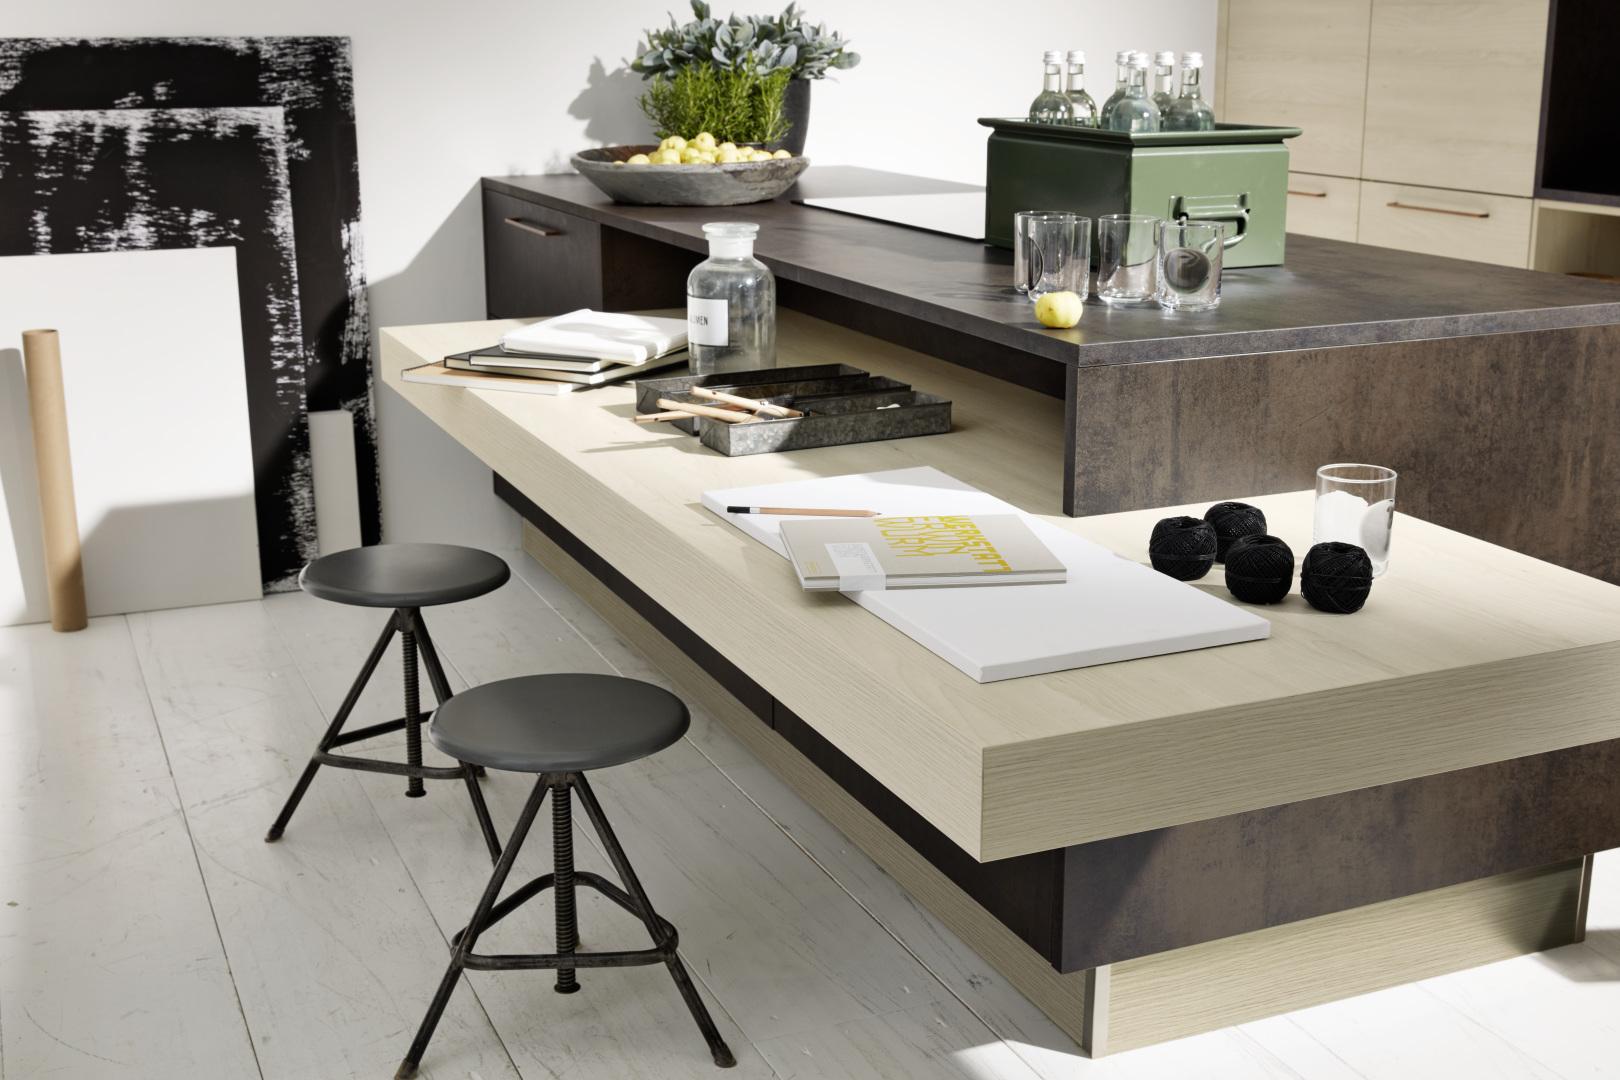 Plan de travail et bureau intégrés à la cuisine équipée moderne